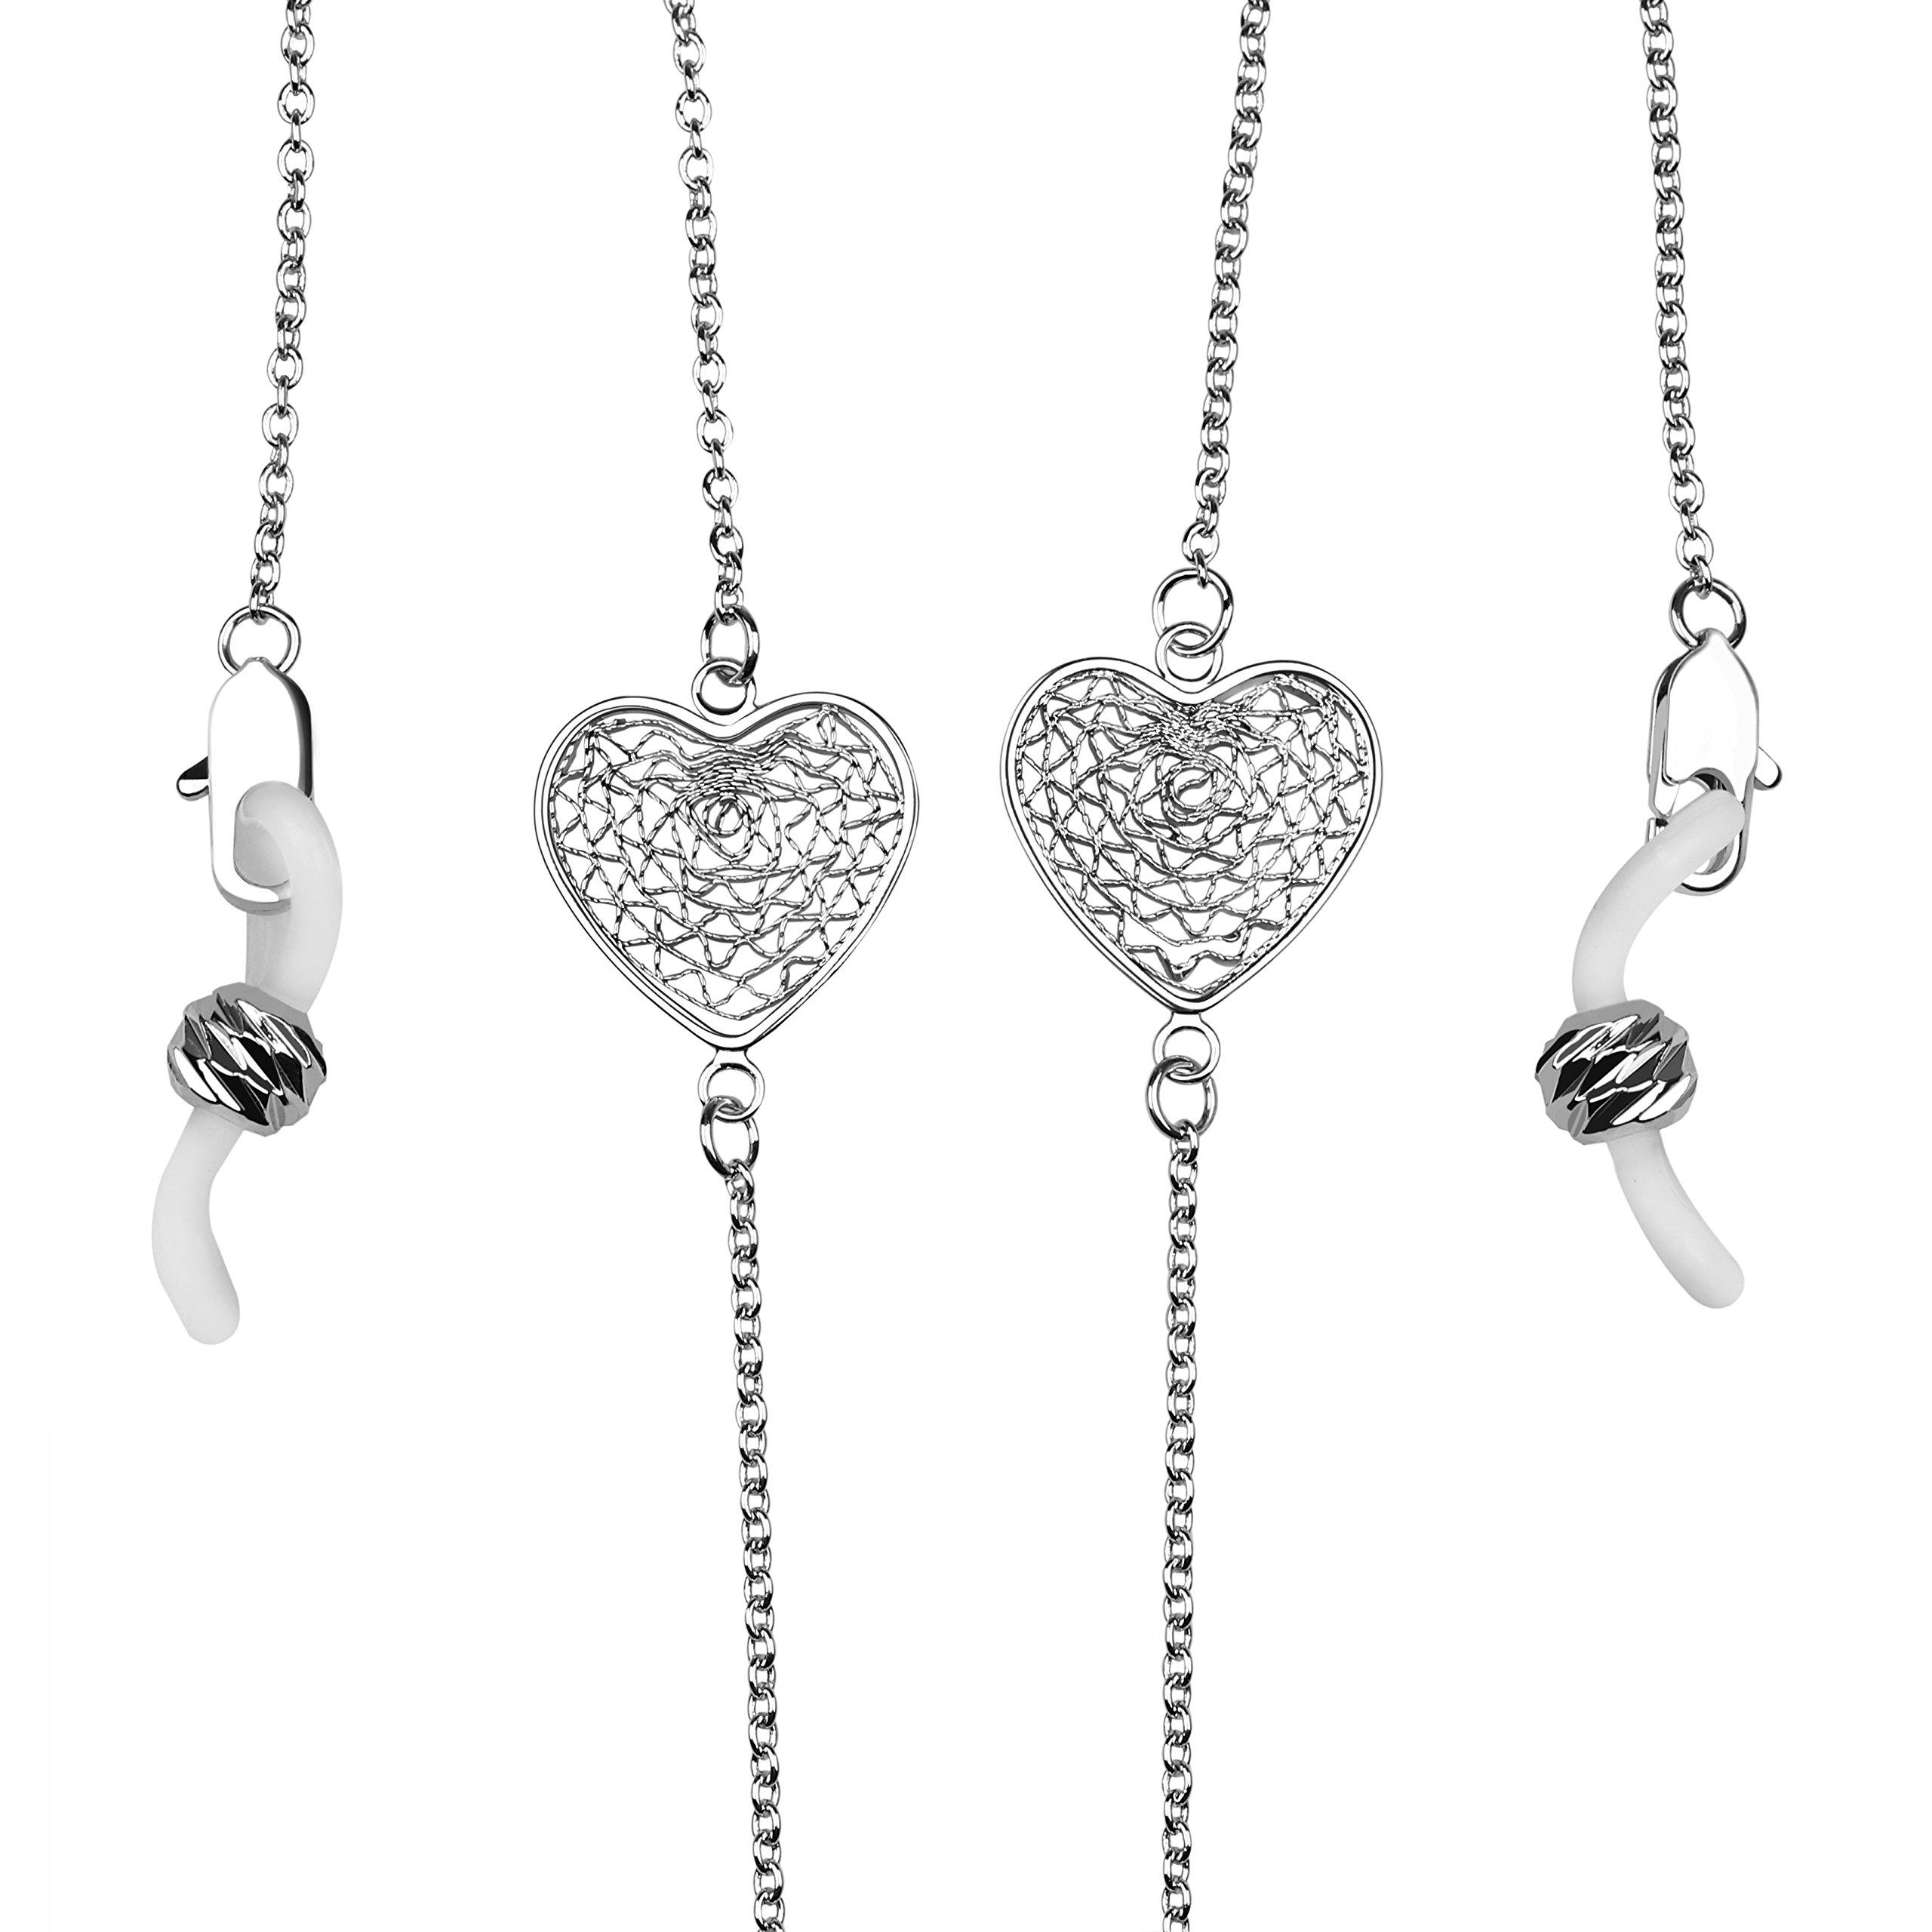 Eyeglass Chain Holder for Women Sunglasses & Galsses Holder Strap (Platinum)